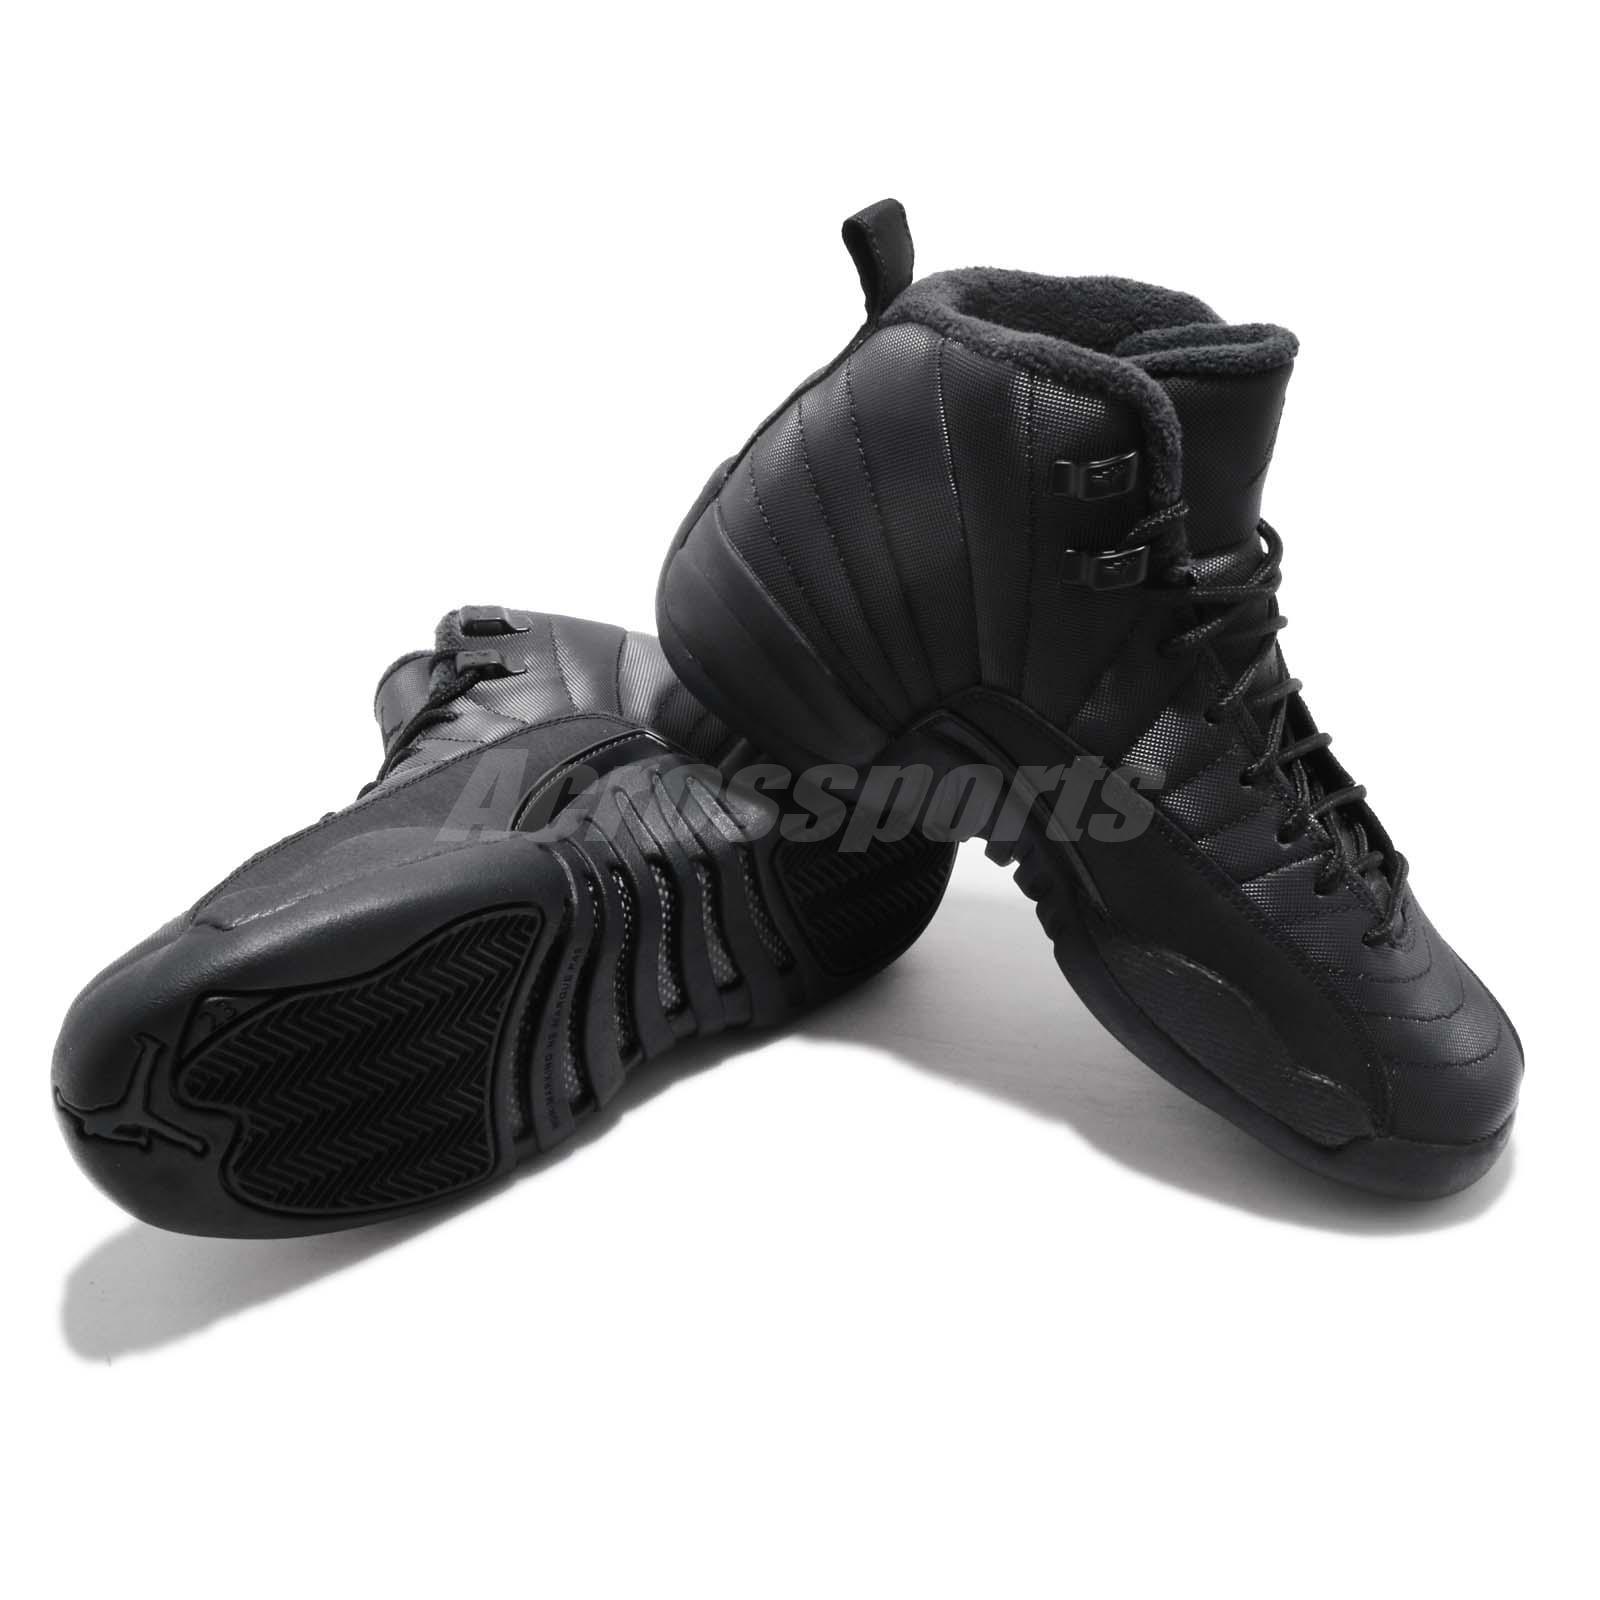 Details about Nike Air Jordan 12 Retro WNTR GS AJ12 XII Winterized Black Kid Women BQ6852 001